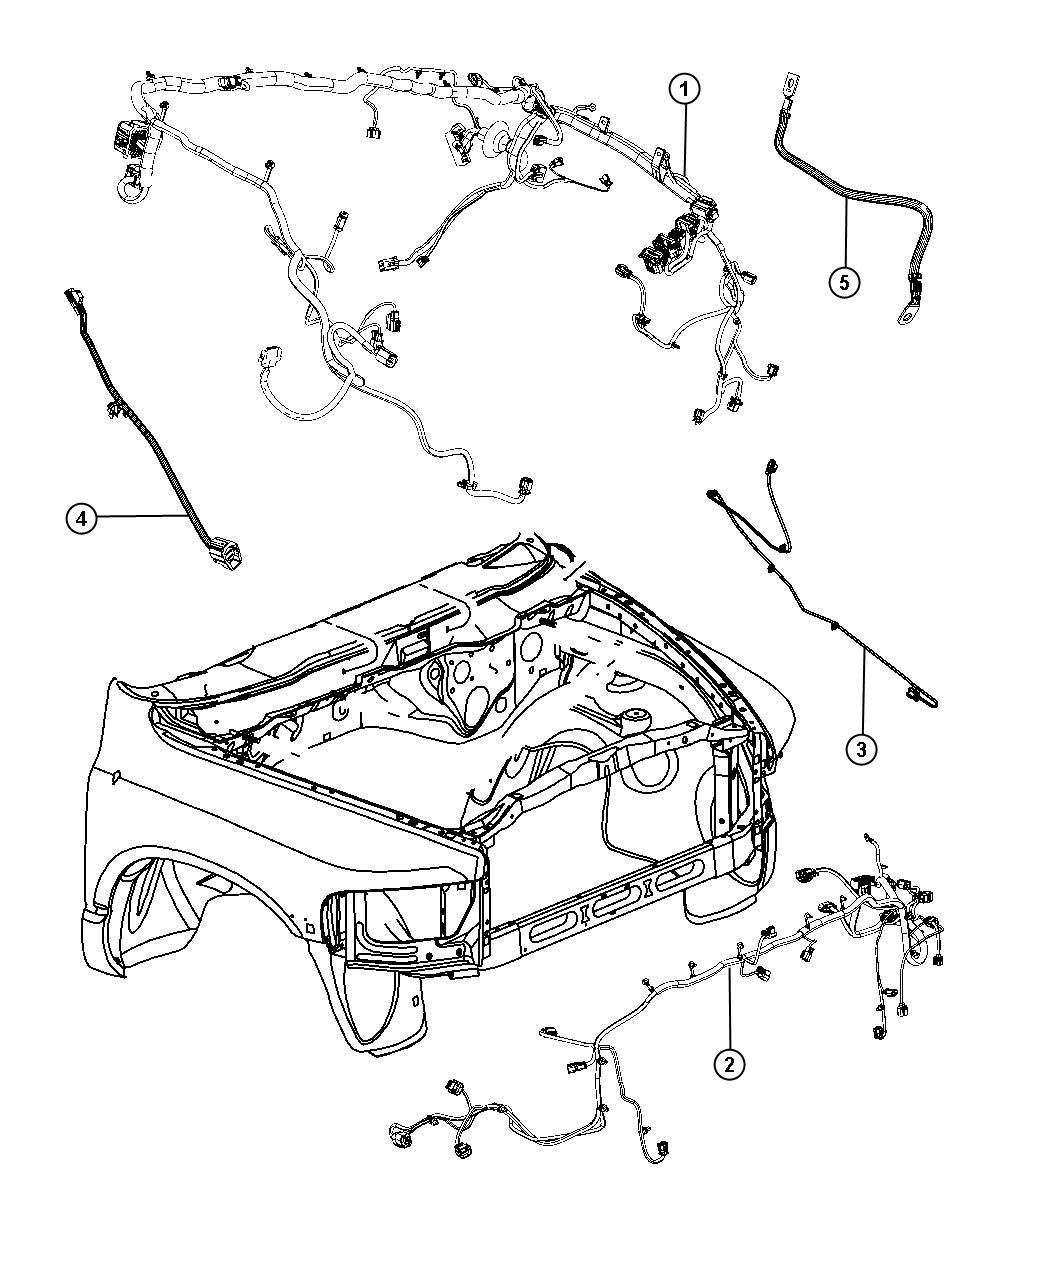 2012 Dodge Ram 1500 Wiring  Dash  Left